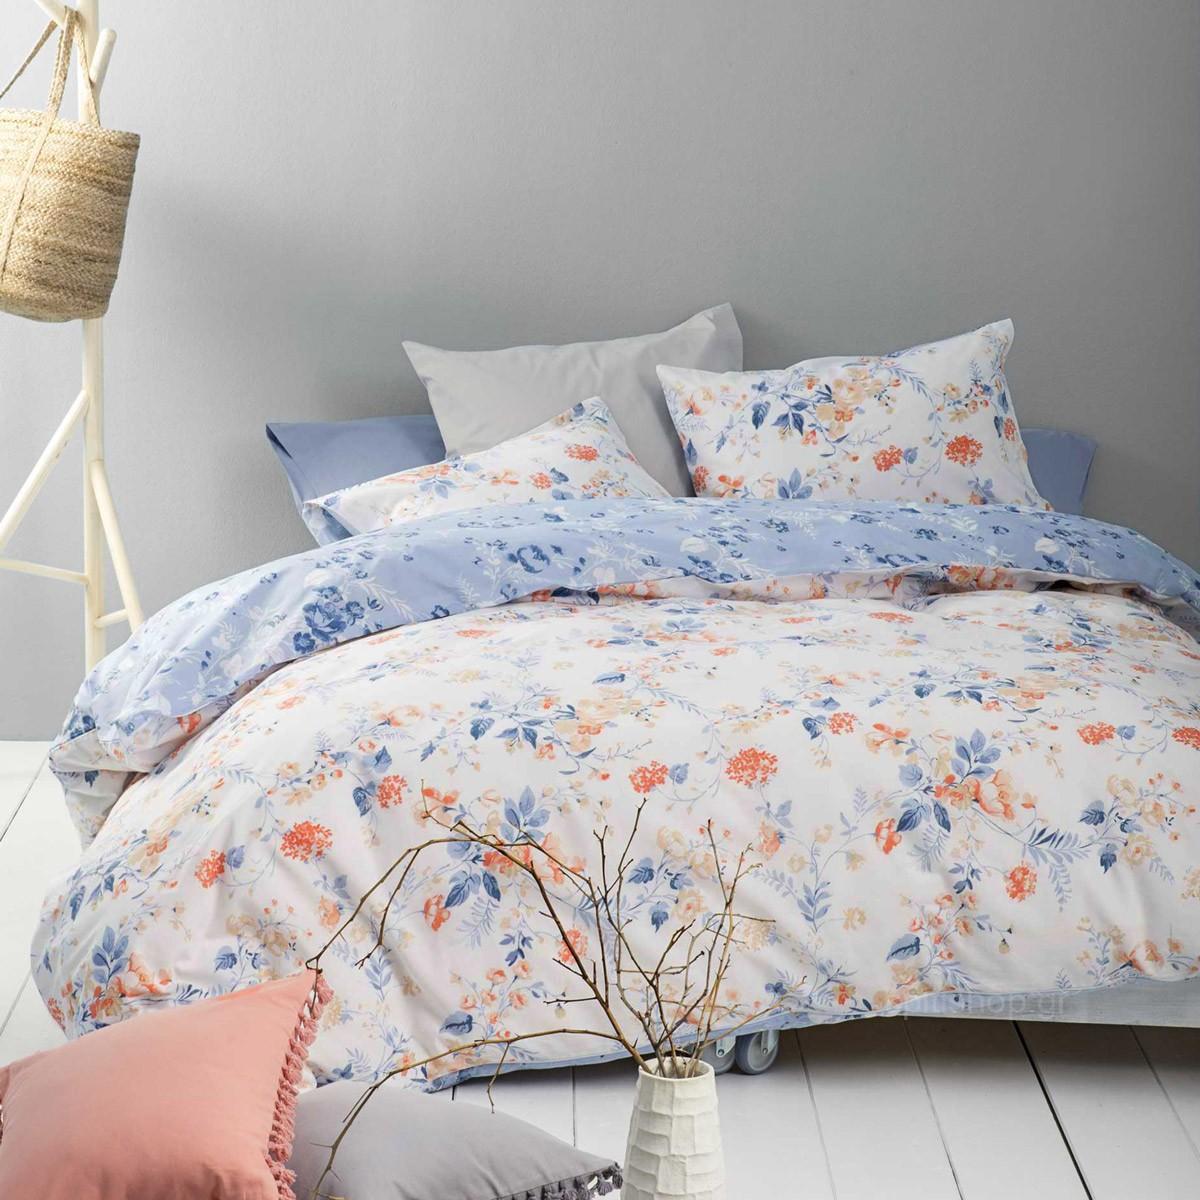 Σεντόνια Μονά (Σετ) Nima Bed Linen Floret Blue ΧΩΡΙΣ ΛΑΣΤΙΧΟ ΧΩΡΙΣ ΛΑΣΤΙΧΟ 89140